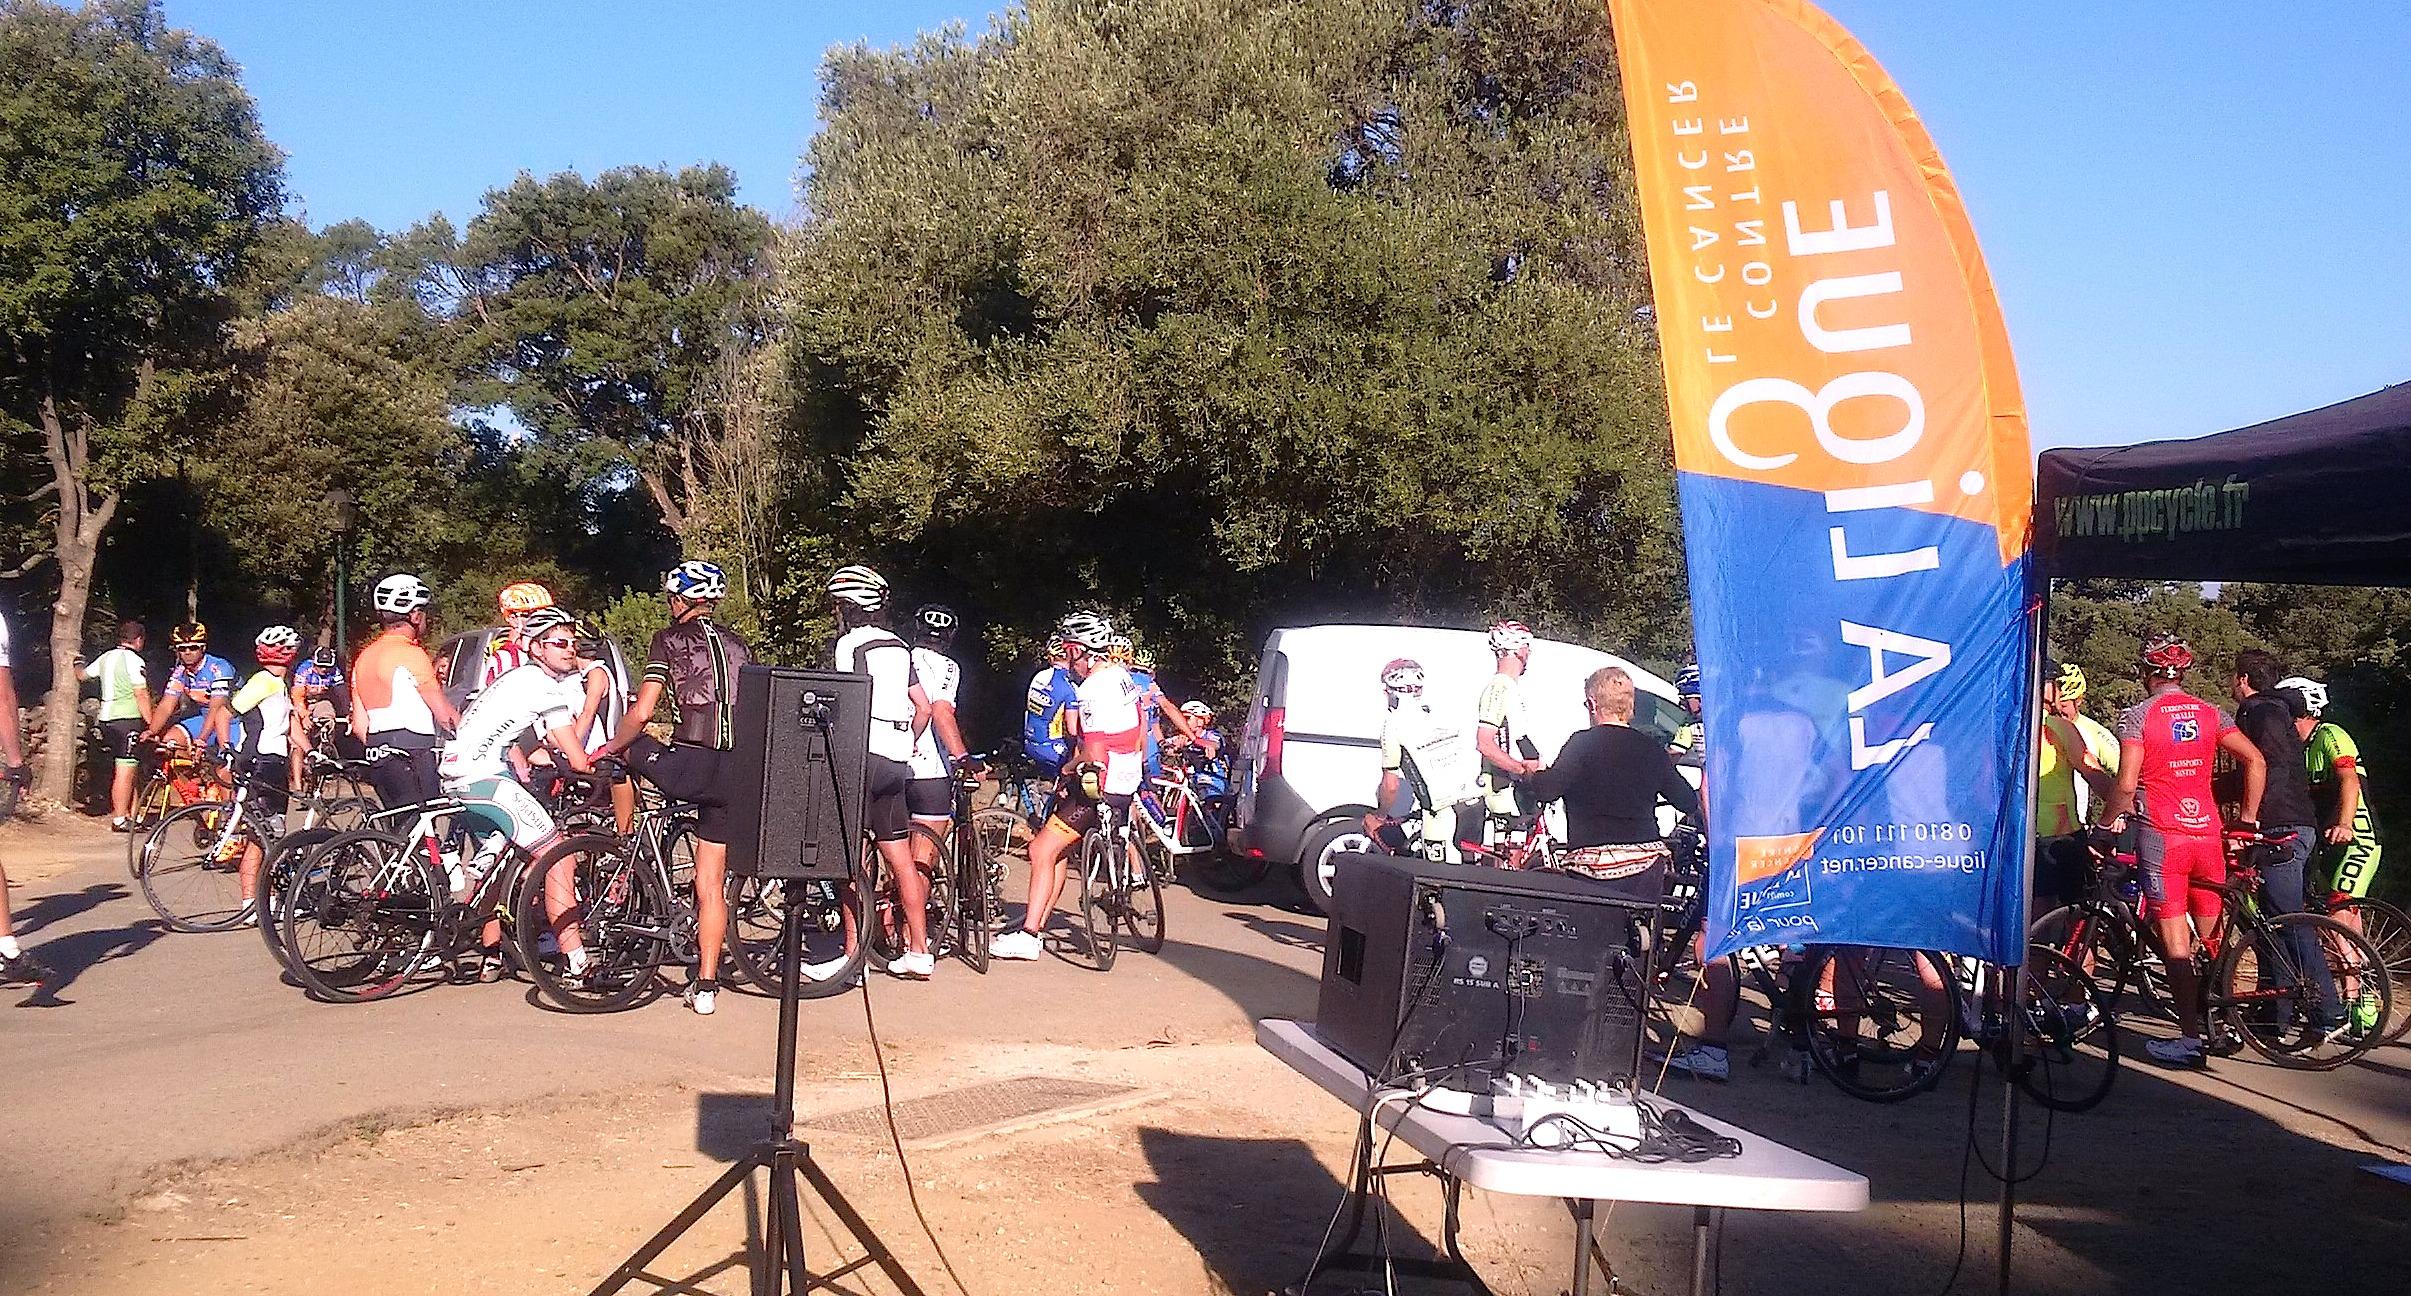 Cyclisme : L'Etoile cycliste bastiaise roule pour les malades du cancer